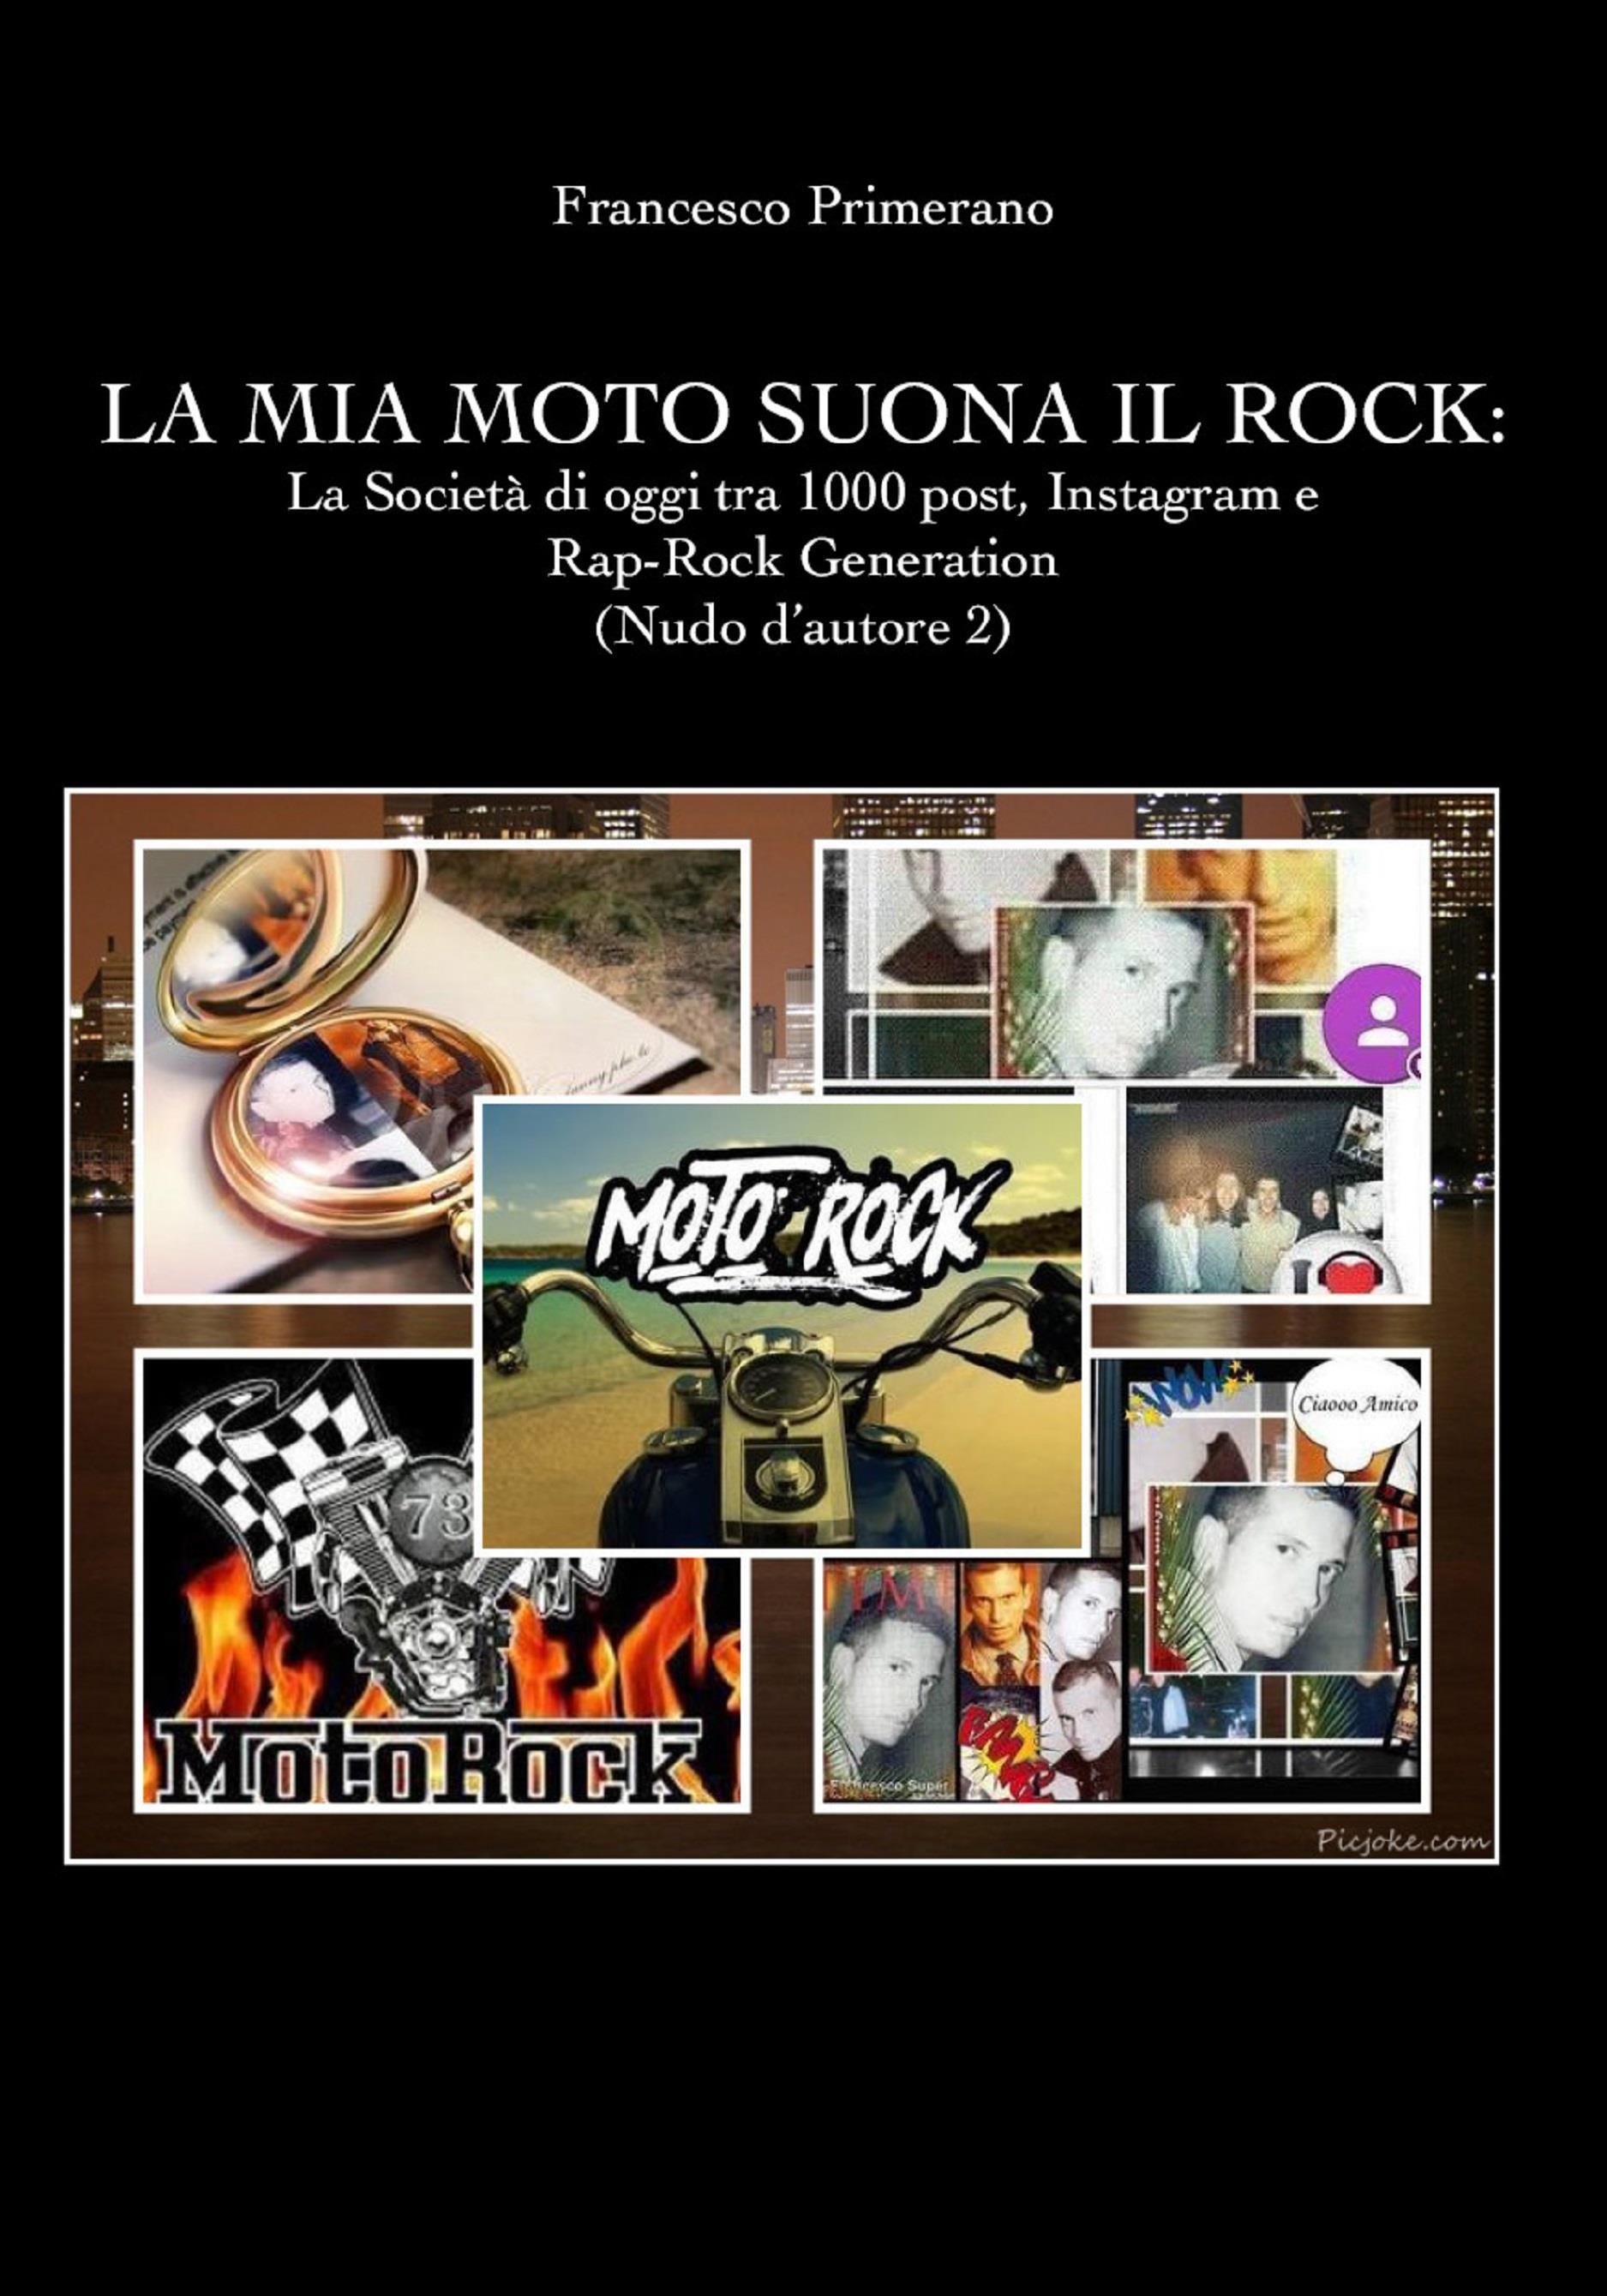 La mia moto suona il rock: la società di oggi tra 1000 post, Instagram e rap-rock generation (Nudo d'autore 2)